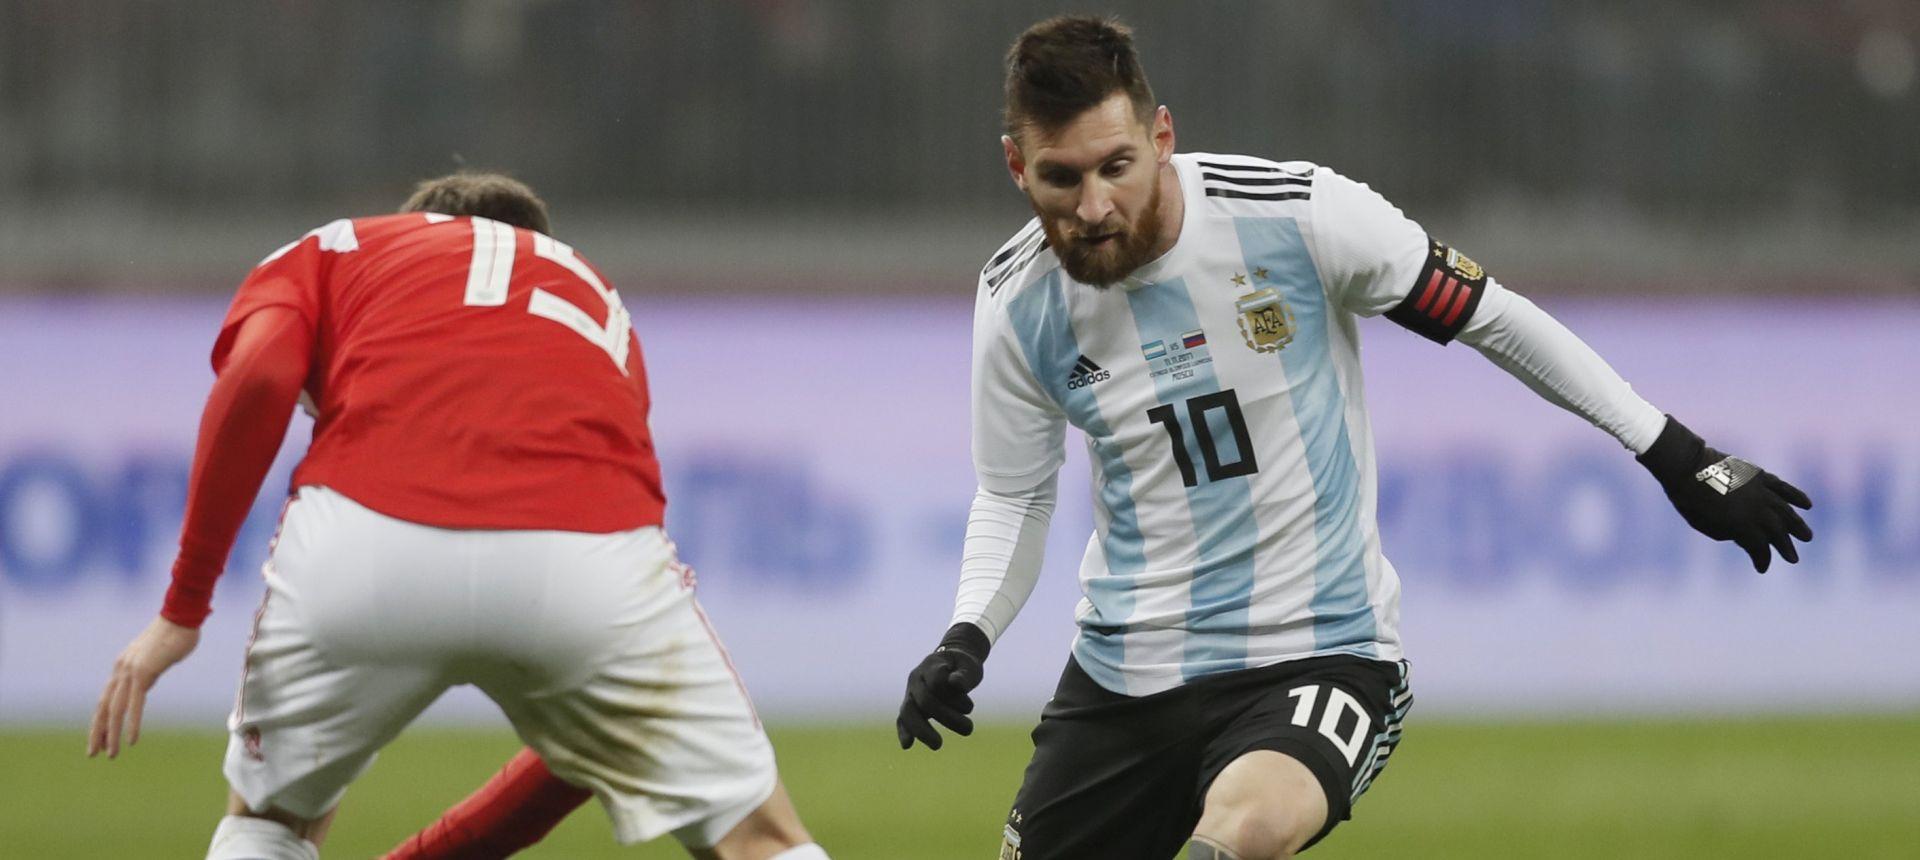 PRIJATELJSKA UTAKMICA Aguero jedini srijelac u pobjedi Argentine nad Rusijom